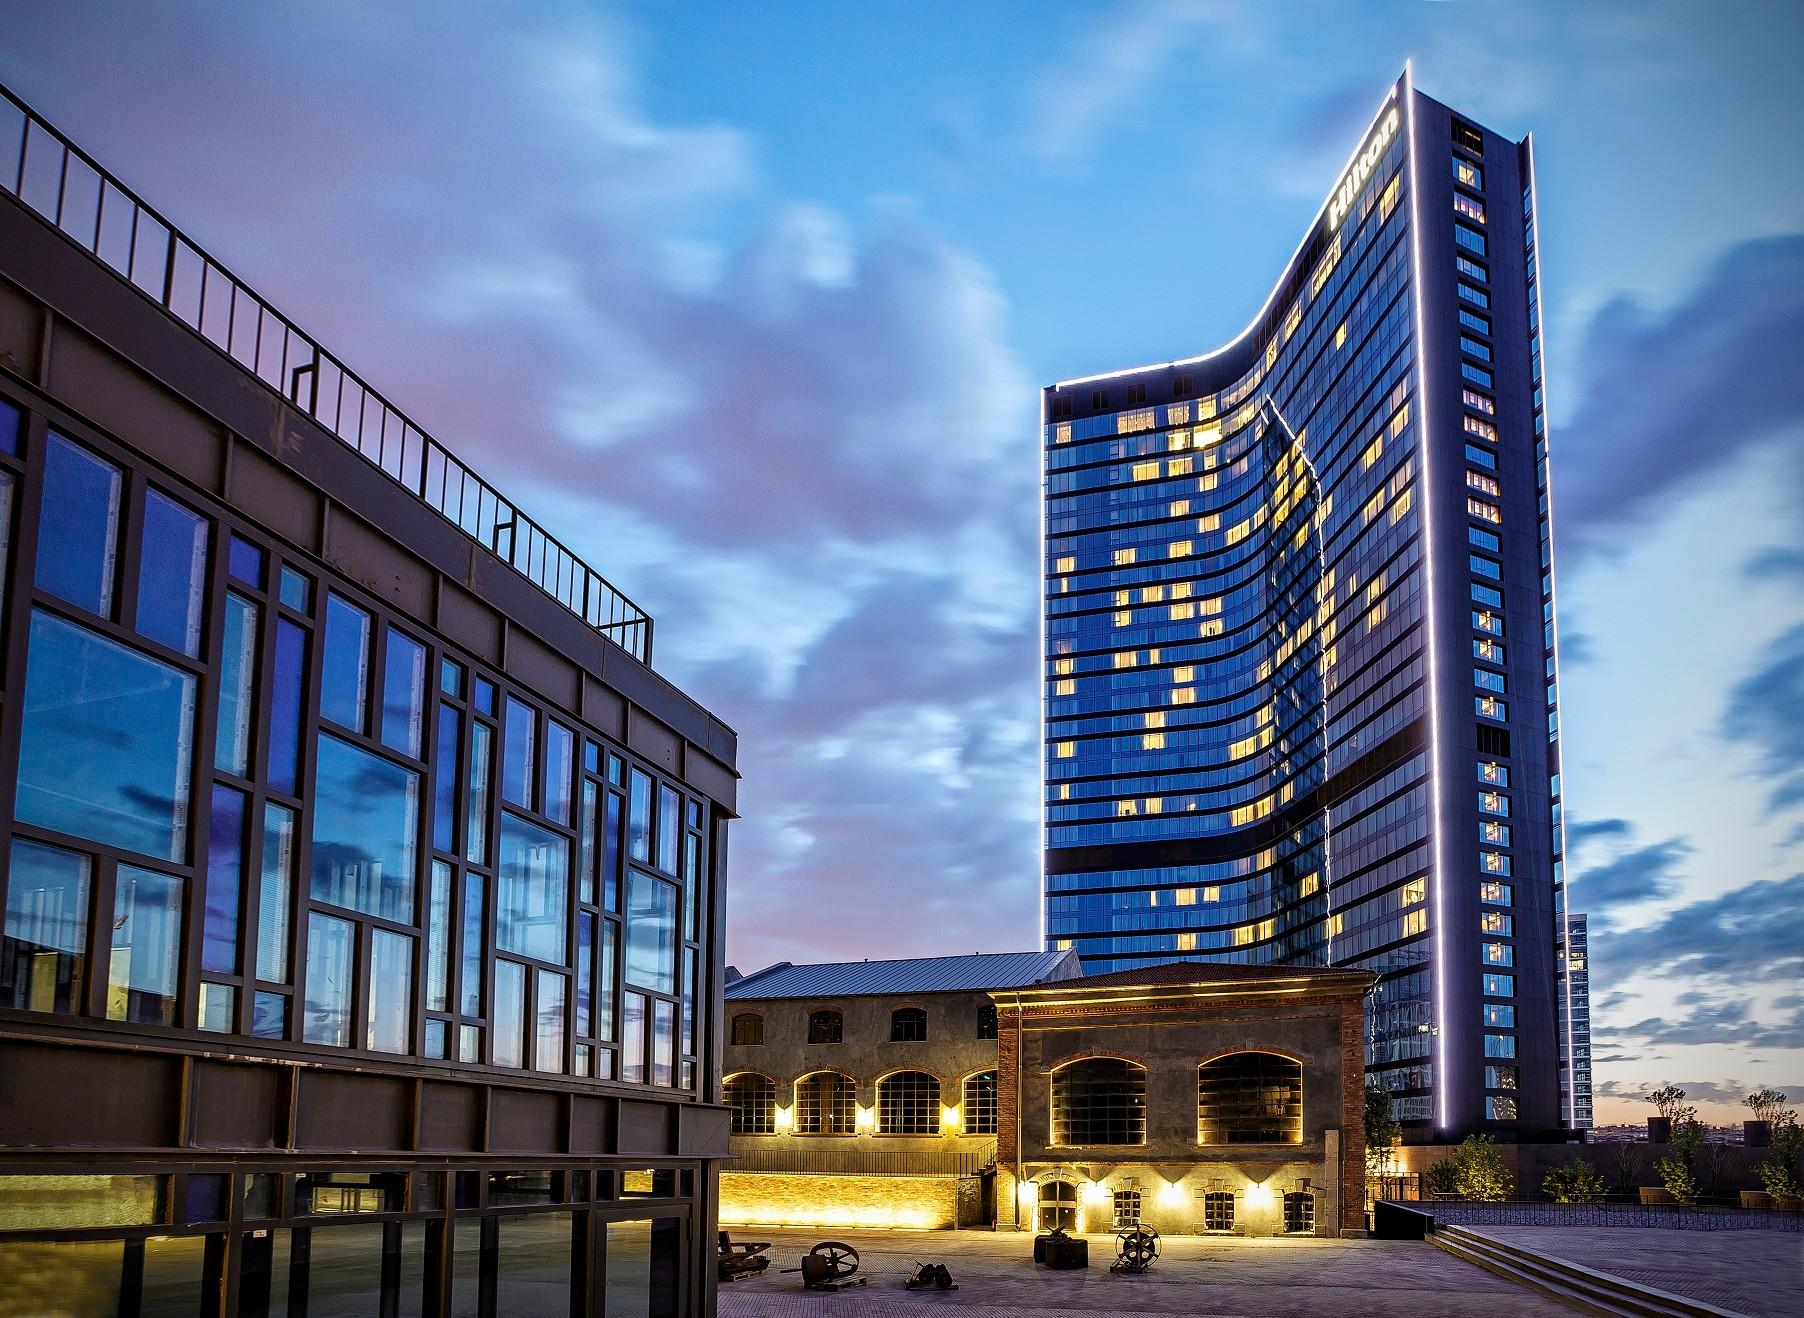 Hilton İstanbul Bomonti Hotel & Conference Center